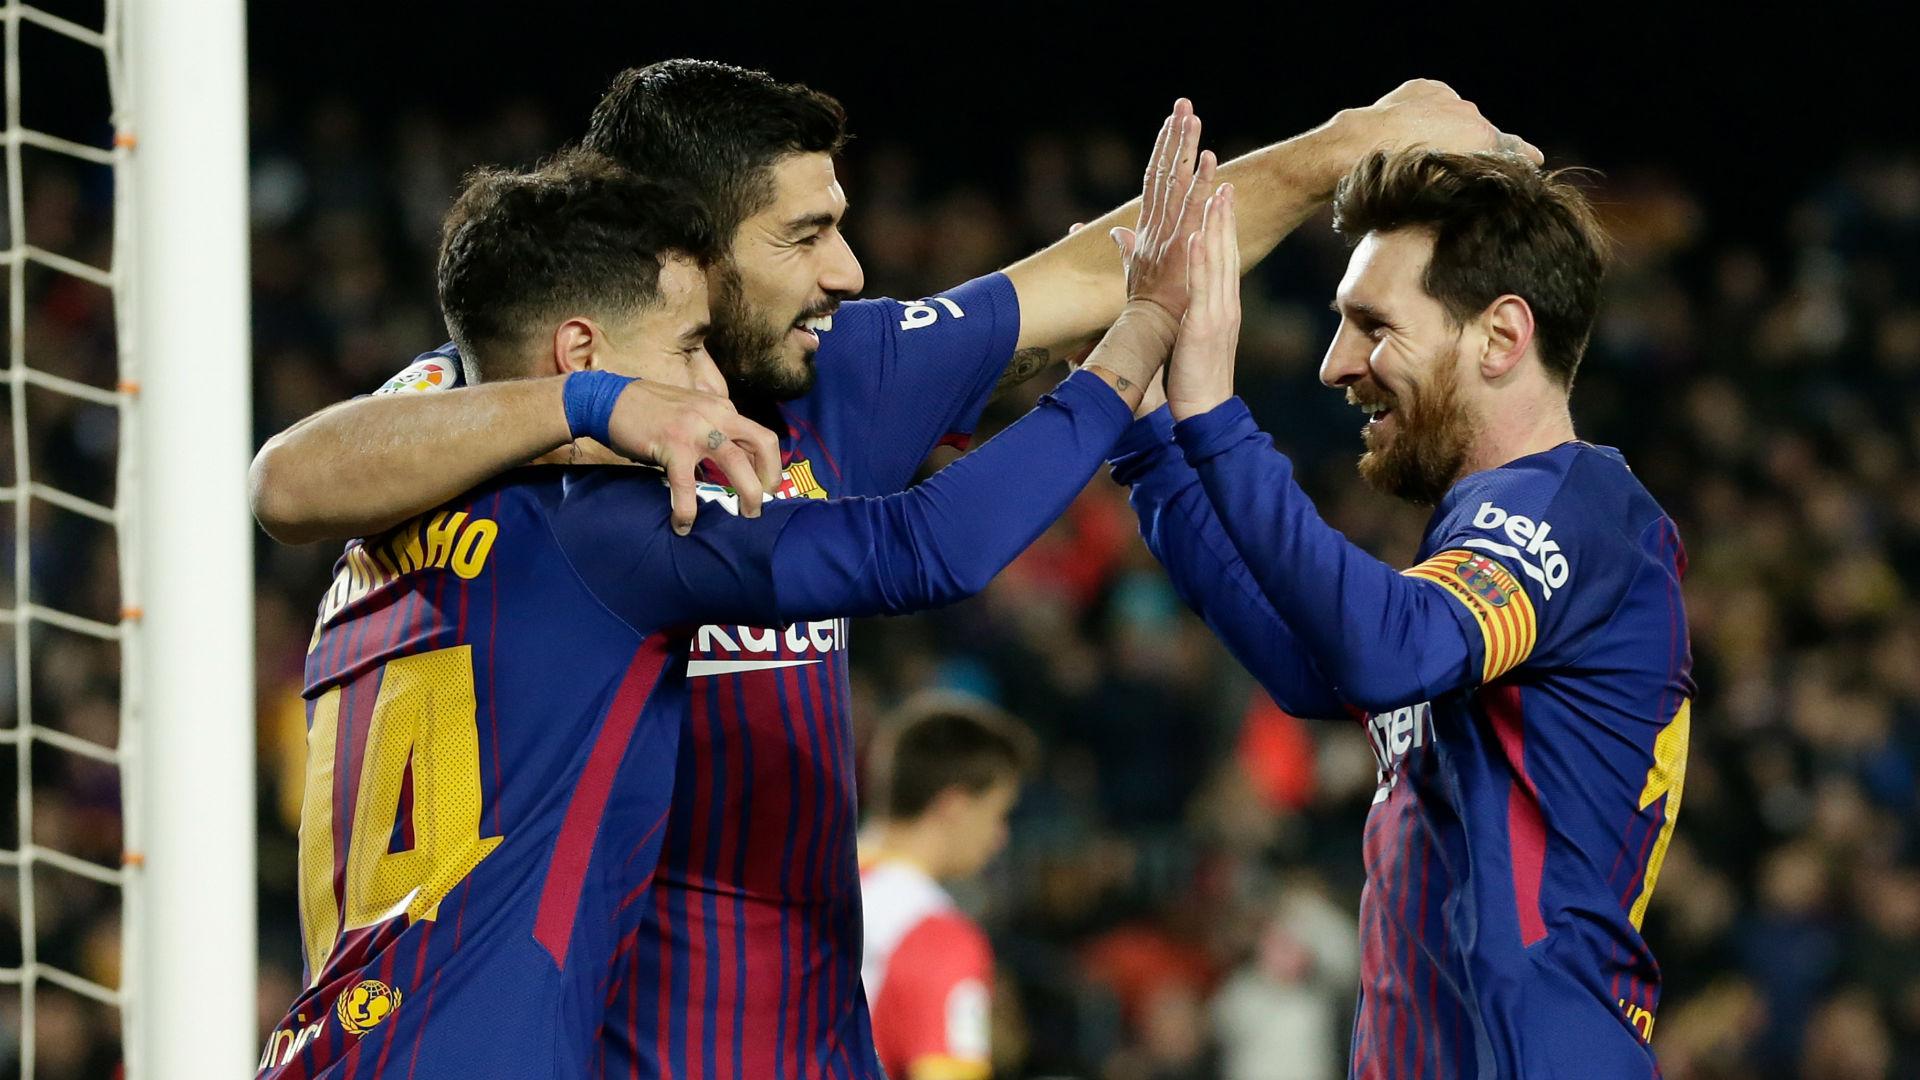 SPANJË/ Vjen kërkesa zyrtare, Messi dhe Barcelona mund të zhvendosen në SHBA